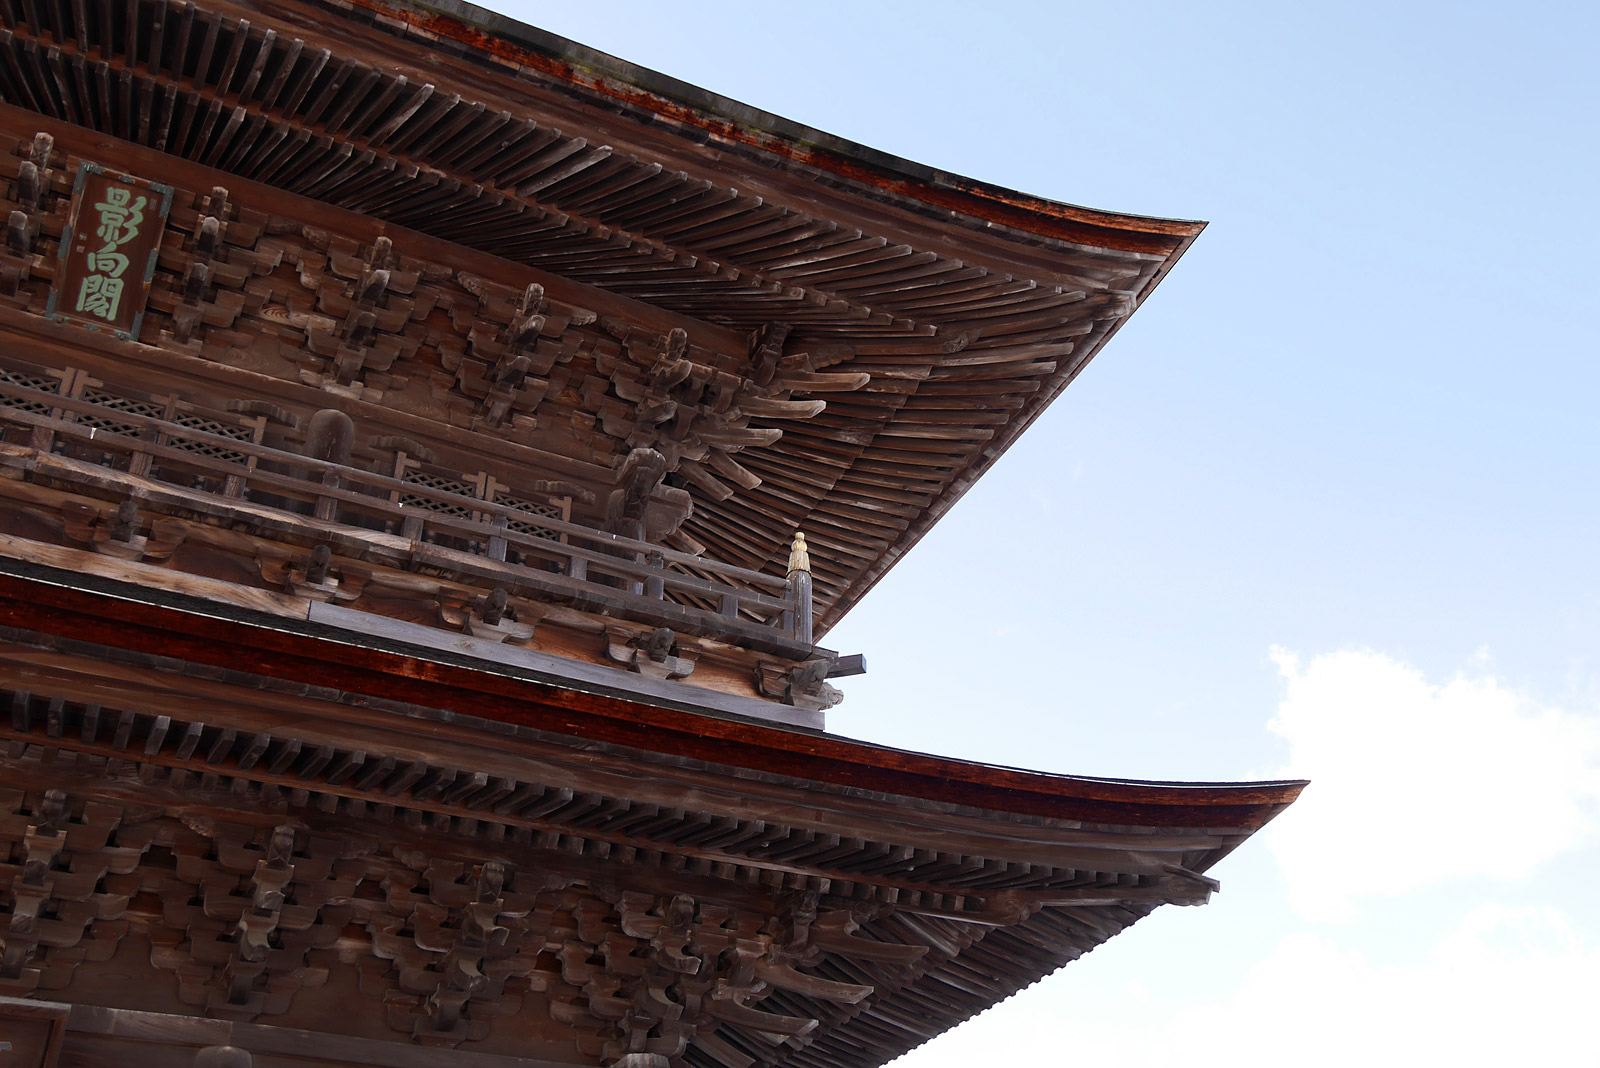 高岡山 瑞龍寺で伽藍を堪能